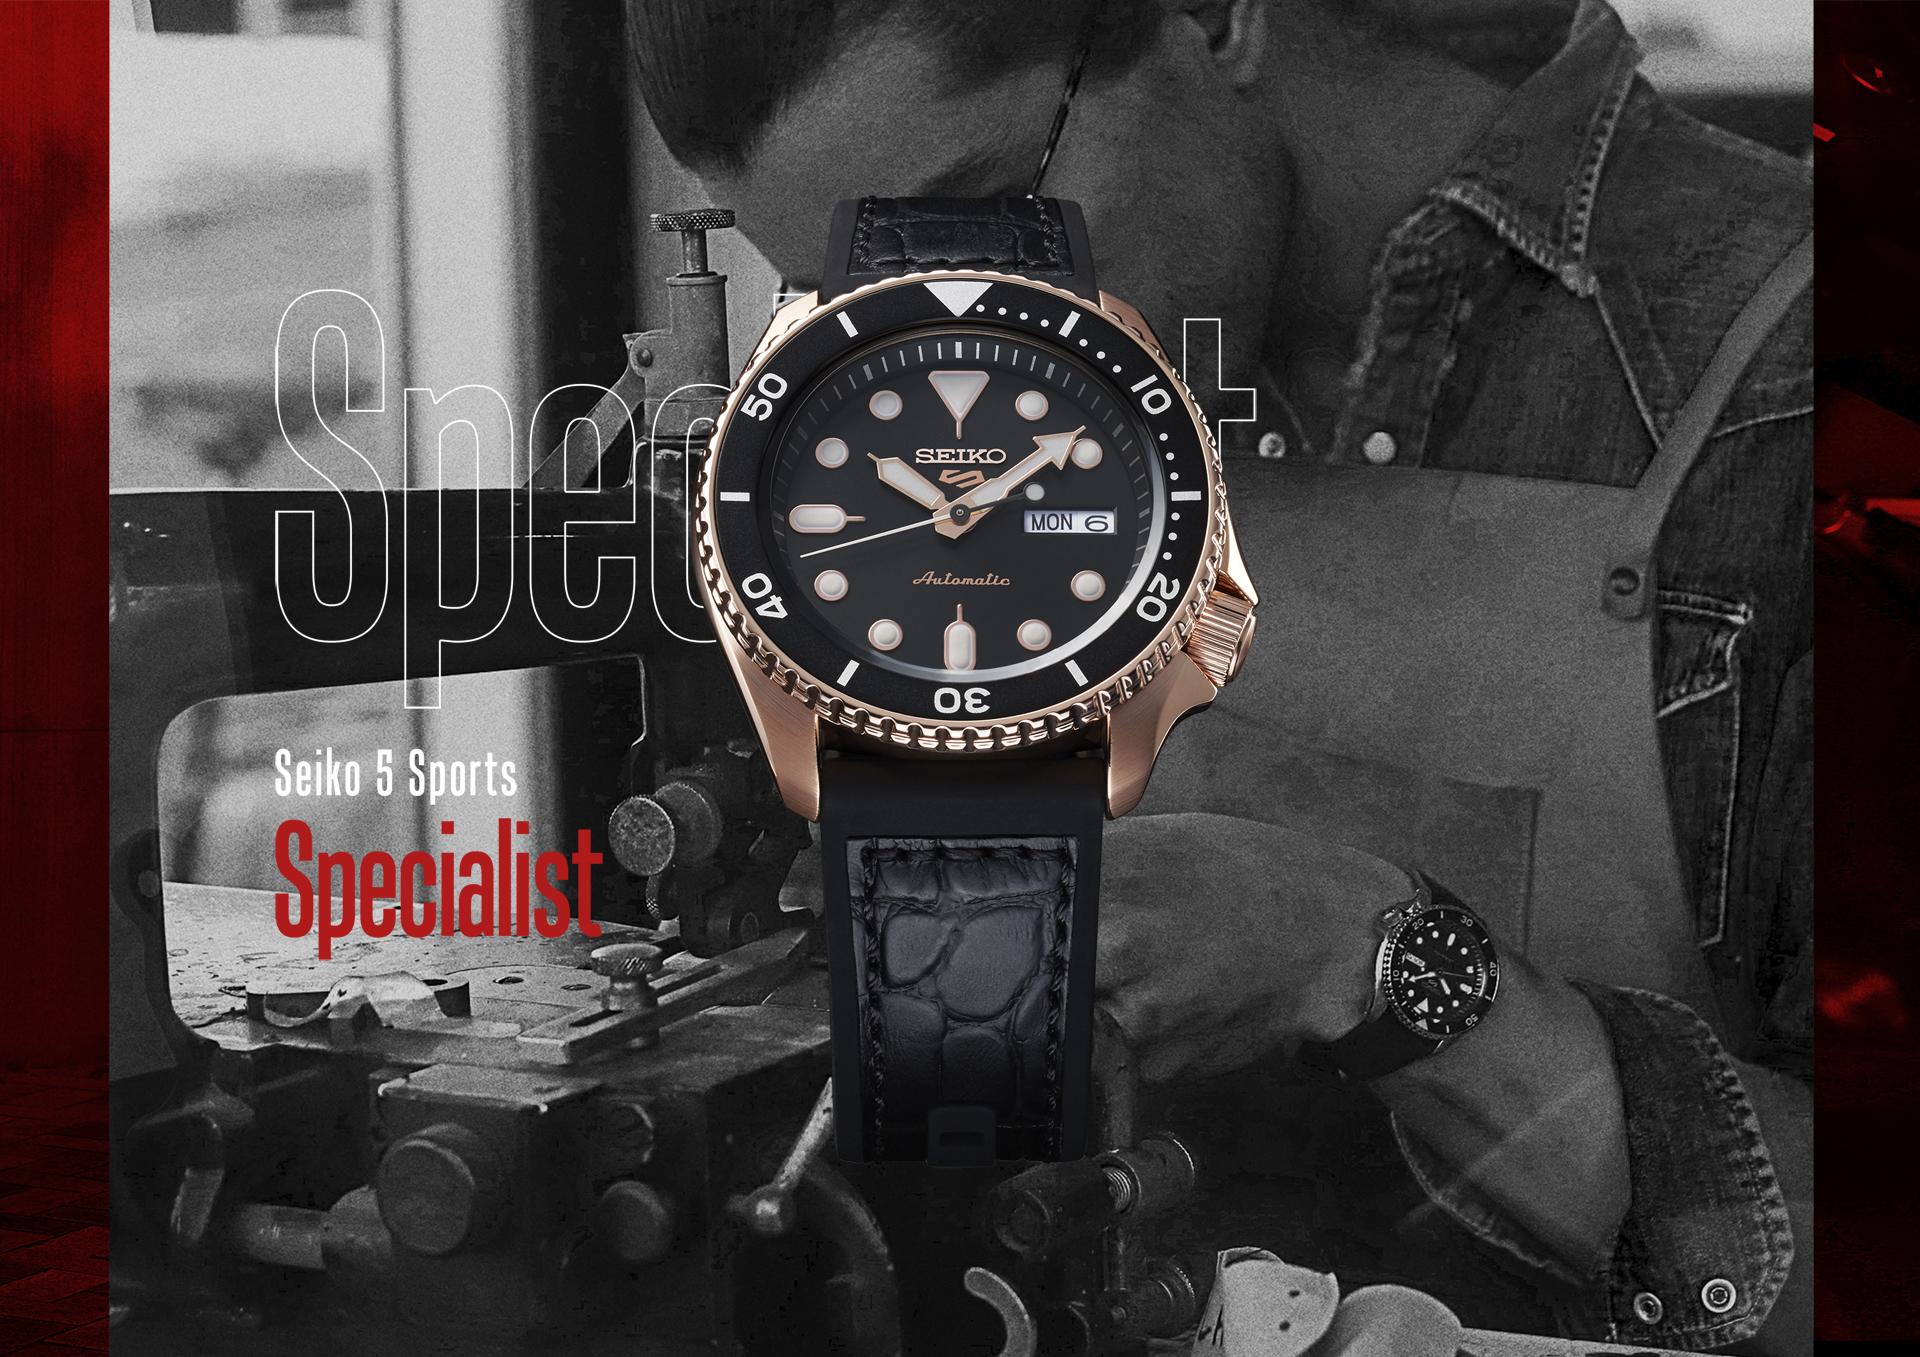 Specialist_SRPD76